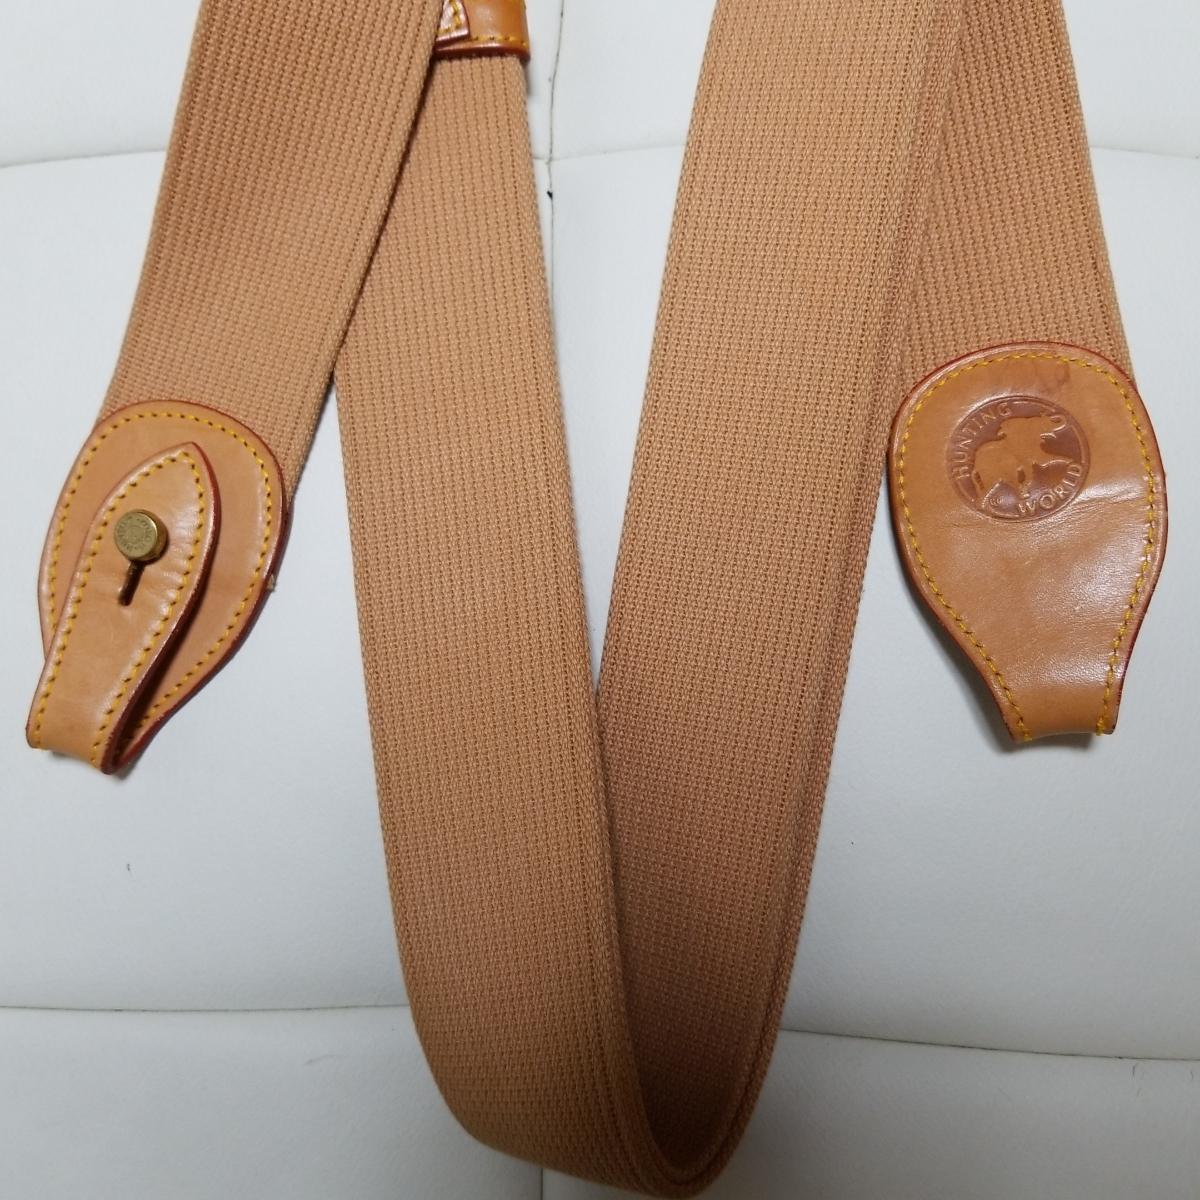 ◆未使用◆ハンティングワールド/ショルダーストラップ/ボストン/その他のバッグ利用可能